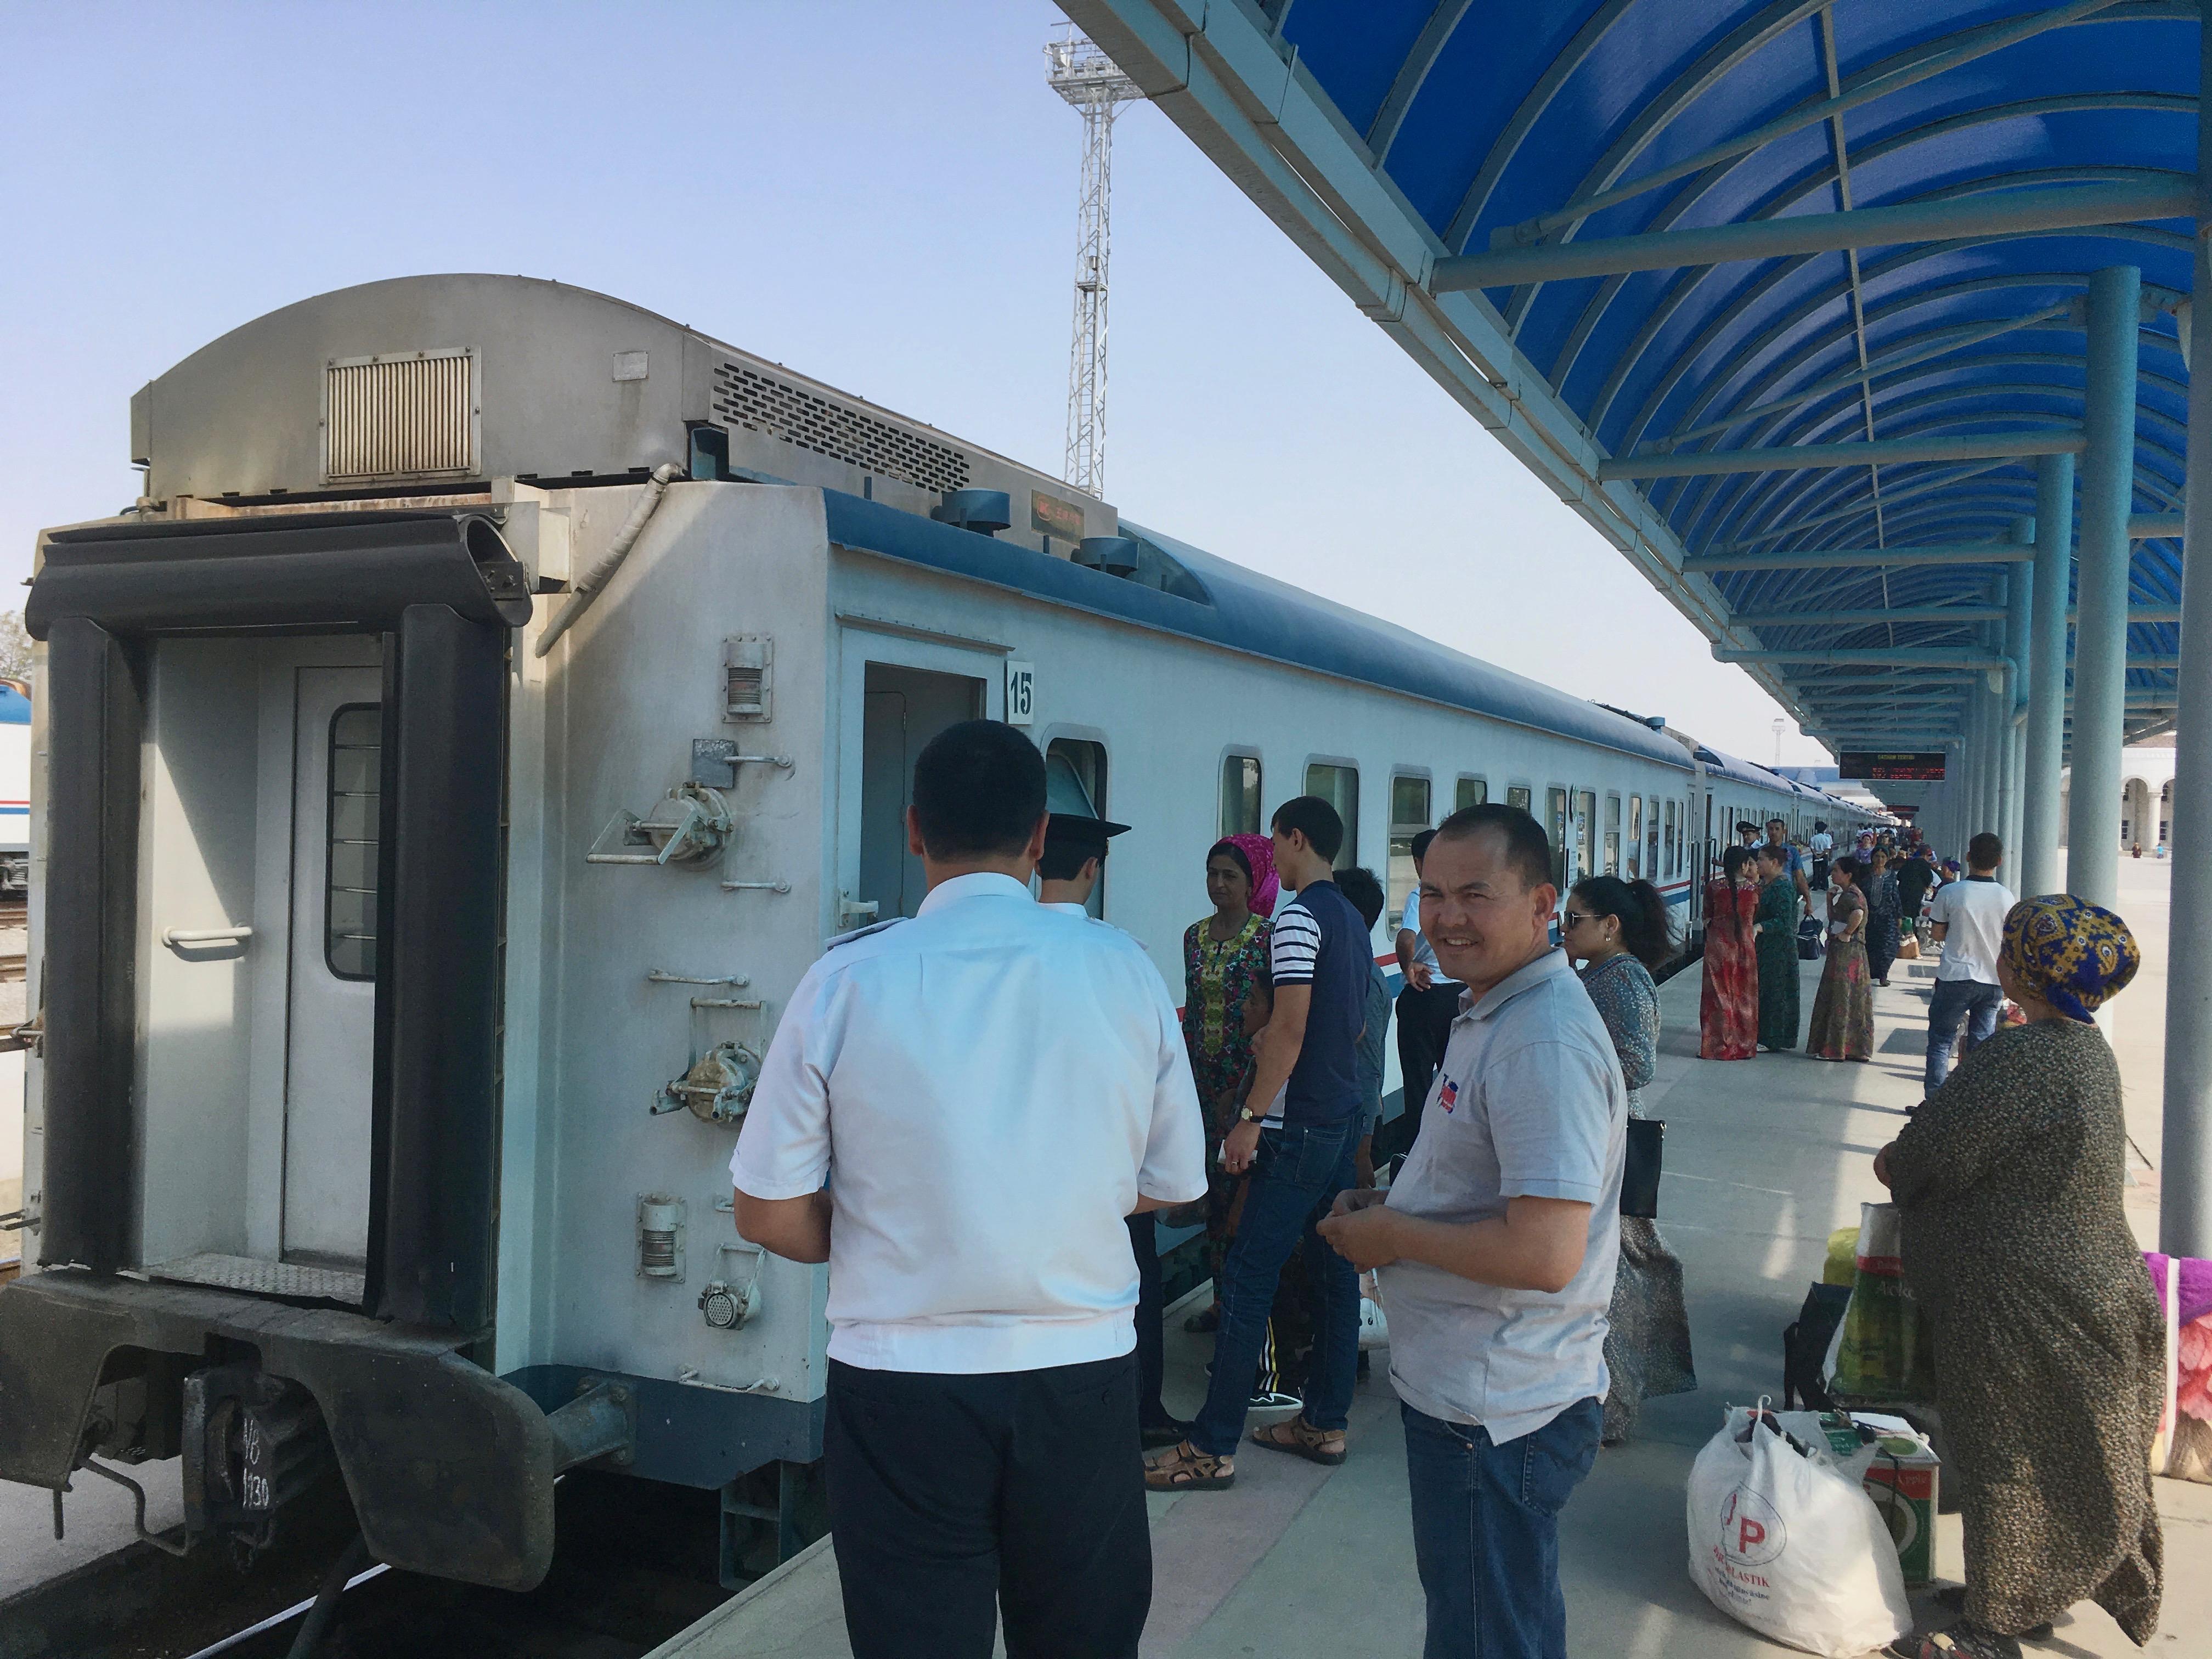 Boarding Ashgabat Railway Station, Ashgabat